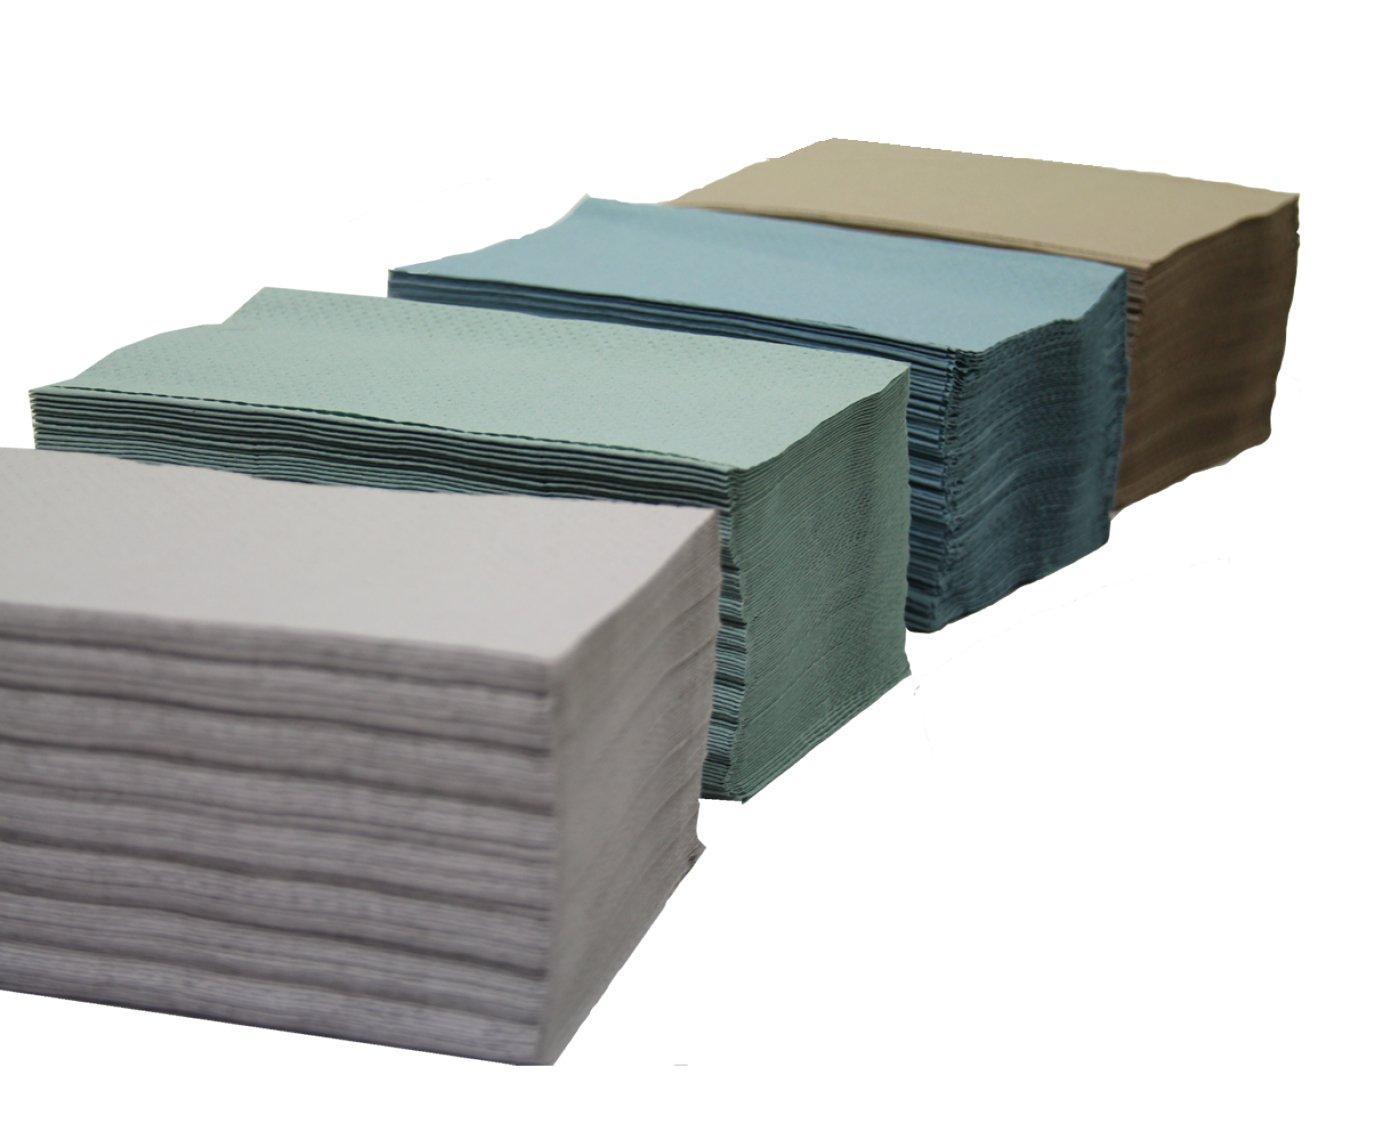 gofrada 21x24 Saten Toalla de Papel de Mano 1 Capa plegada en V 20 Paquetes de 200 Unidades Blanca Celulosa Reciclada